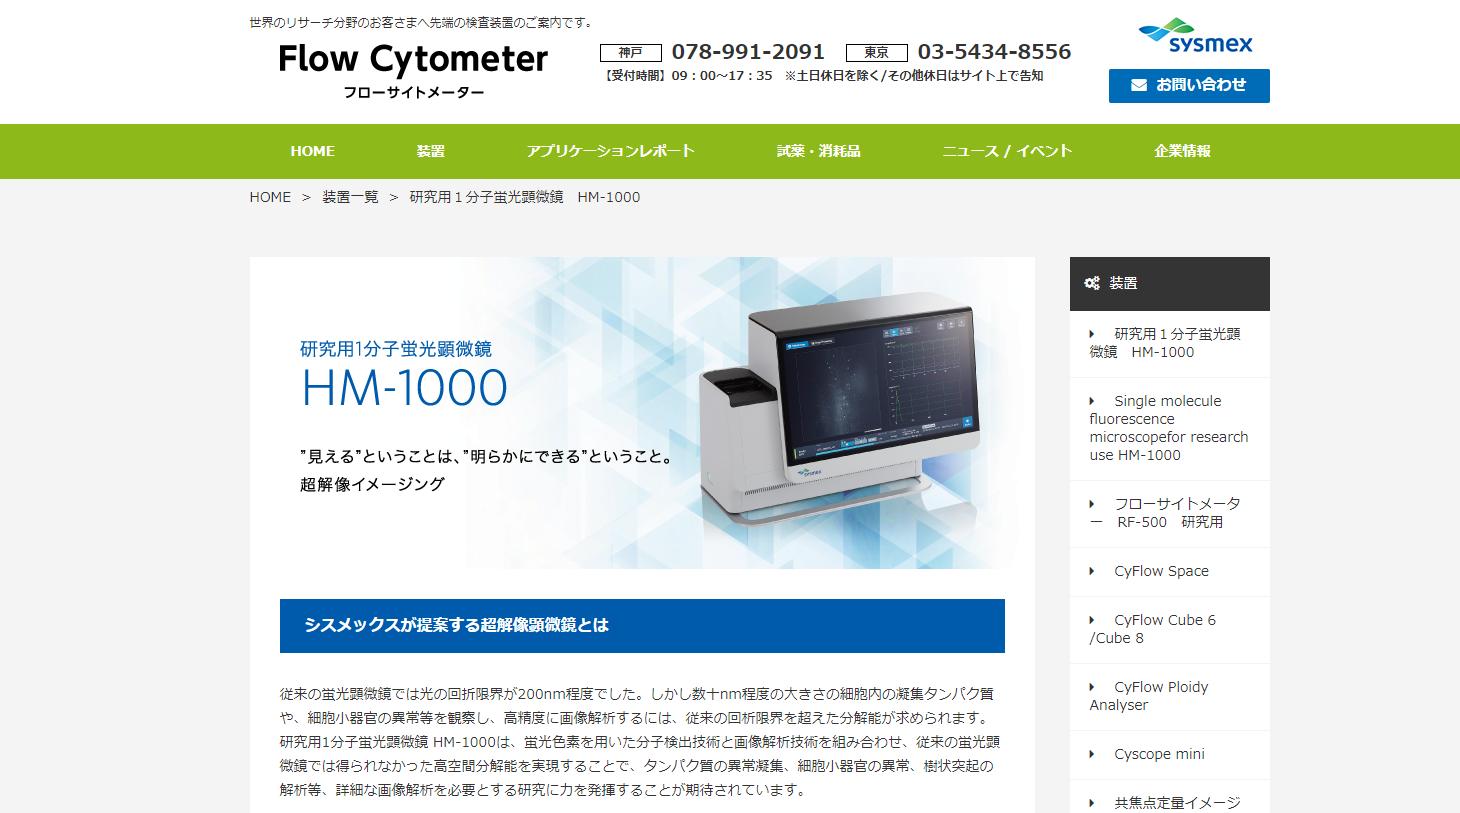 研究用1分子蛍光顕微鏡 HM-1000